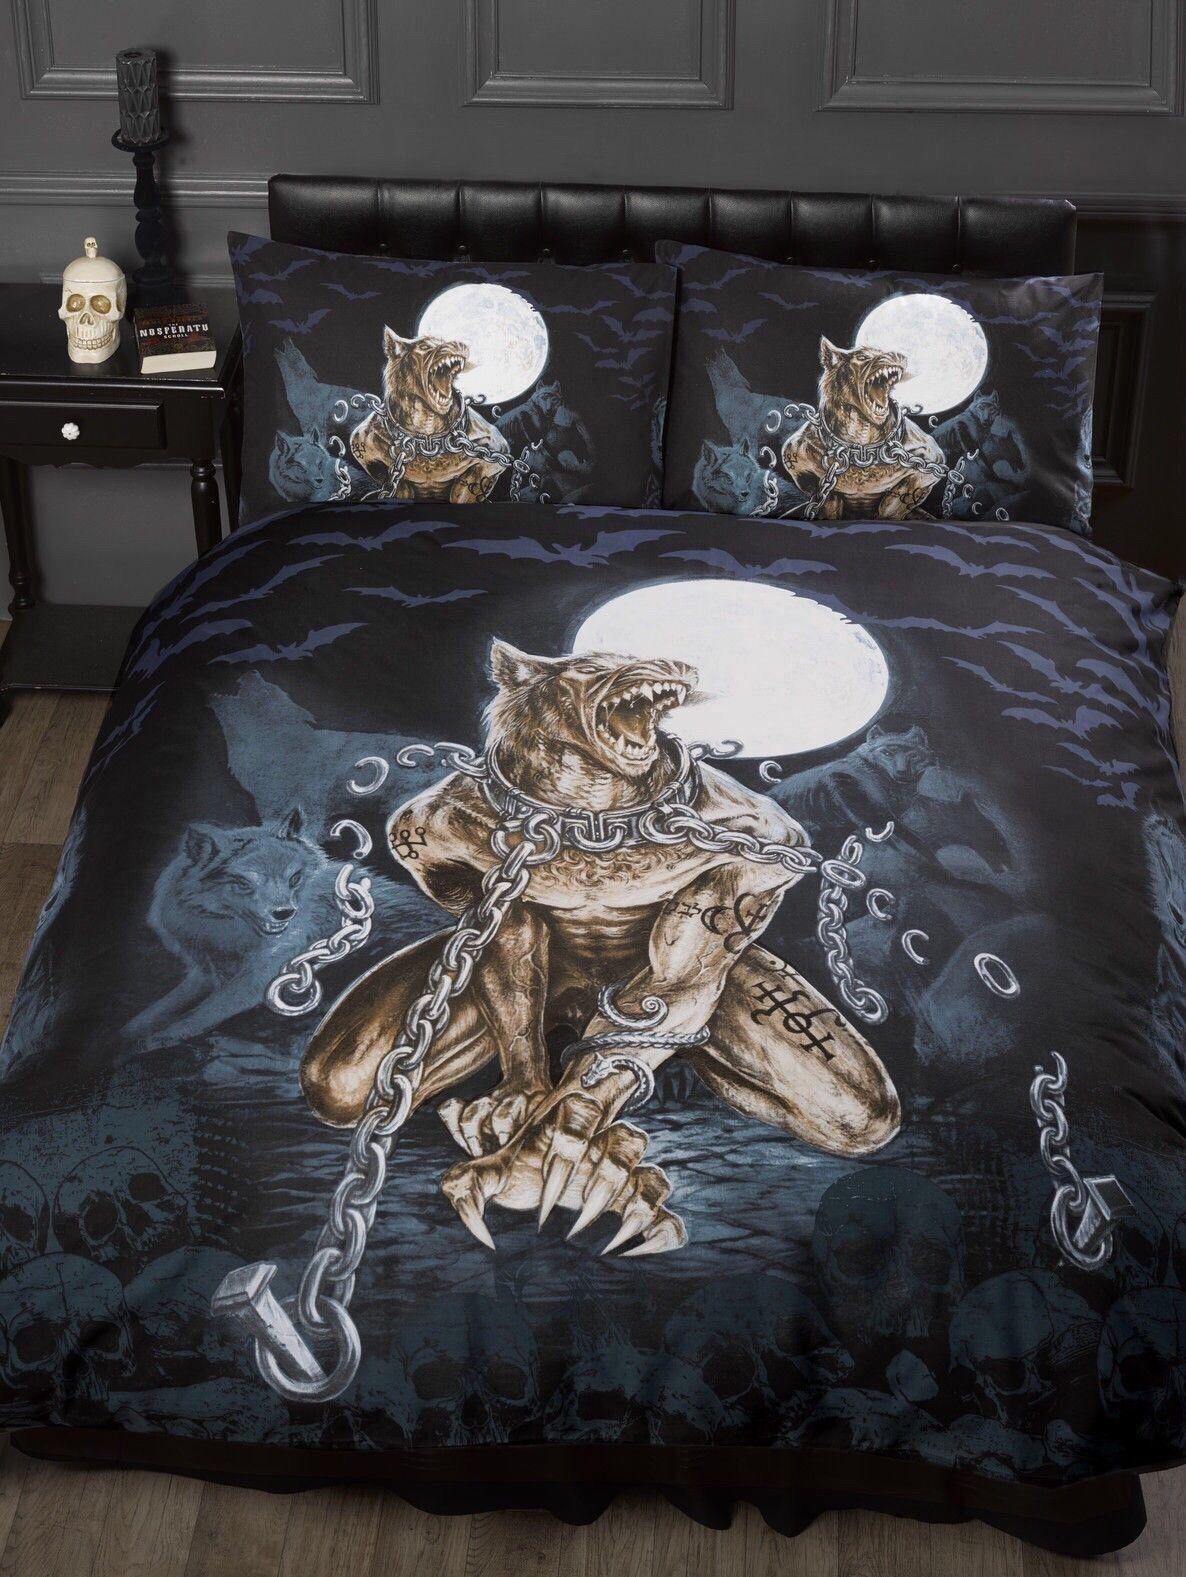 ALCHEMY LOUPS GAROU WEREWOLF TEENAGE GOTHIC BEDROOM BEDDING DUVET QUILT COVER